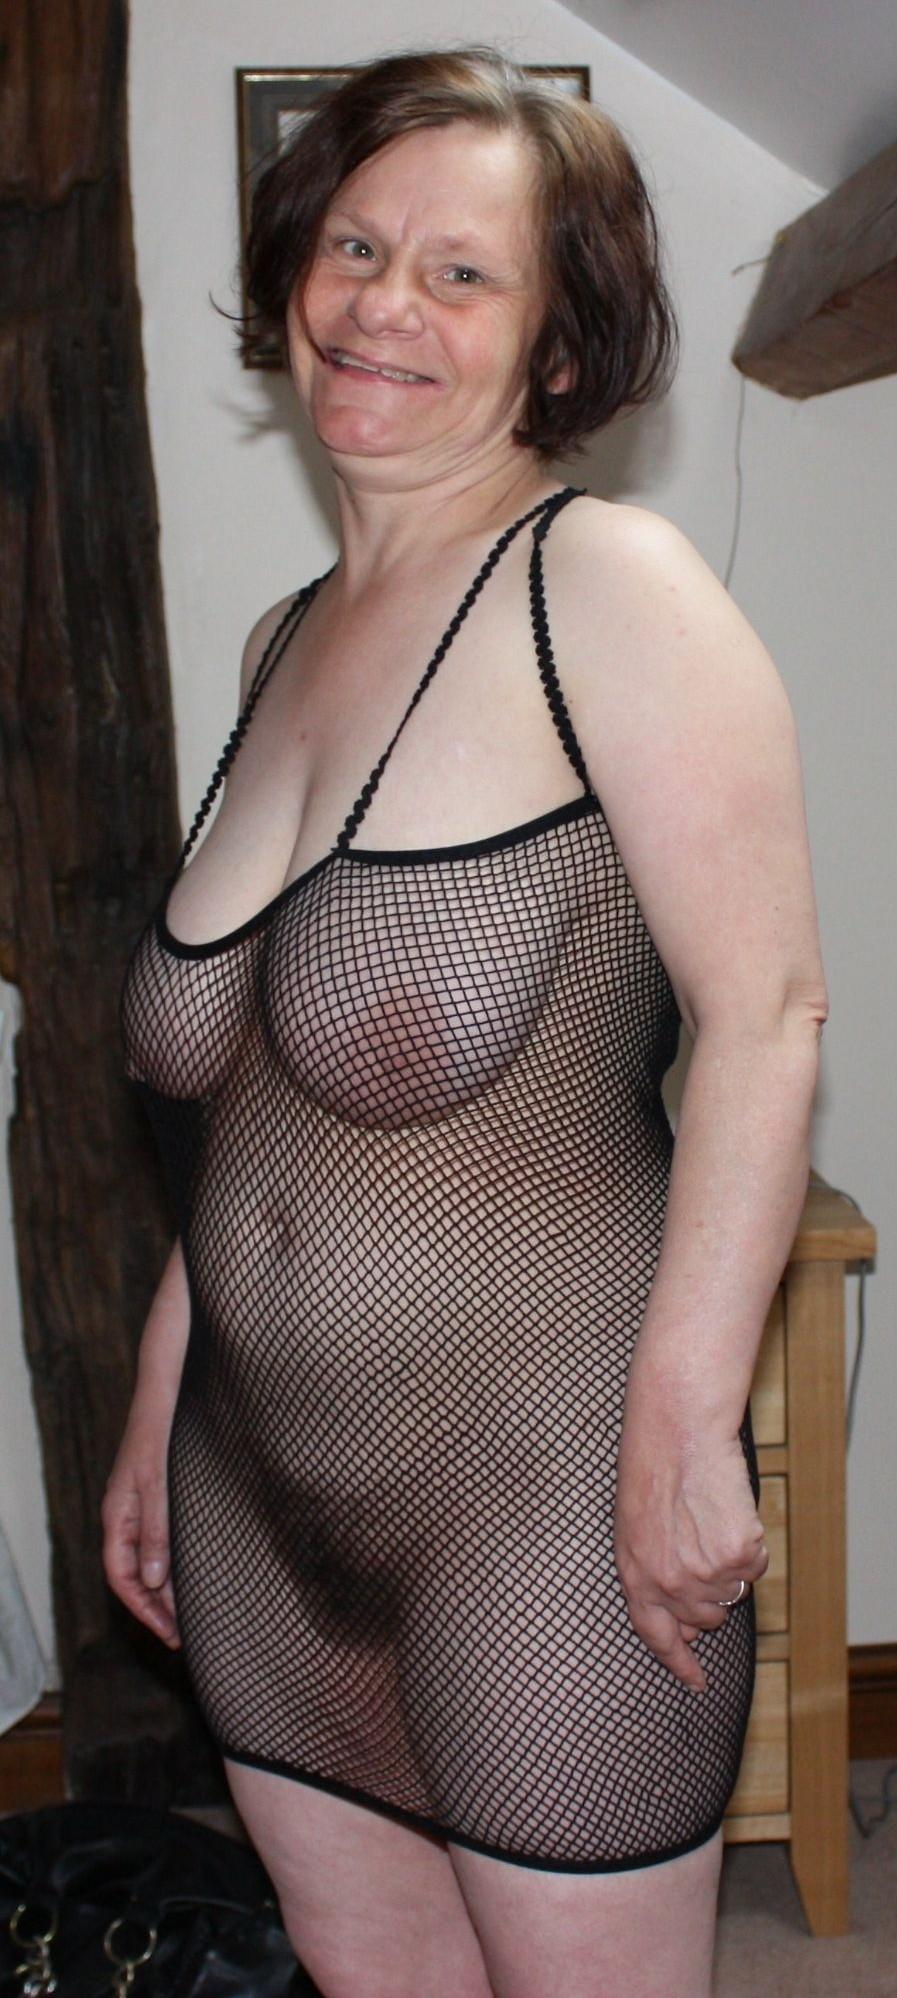 håriga gamla fittor stora nakna kvinnor